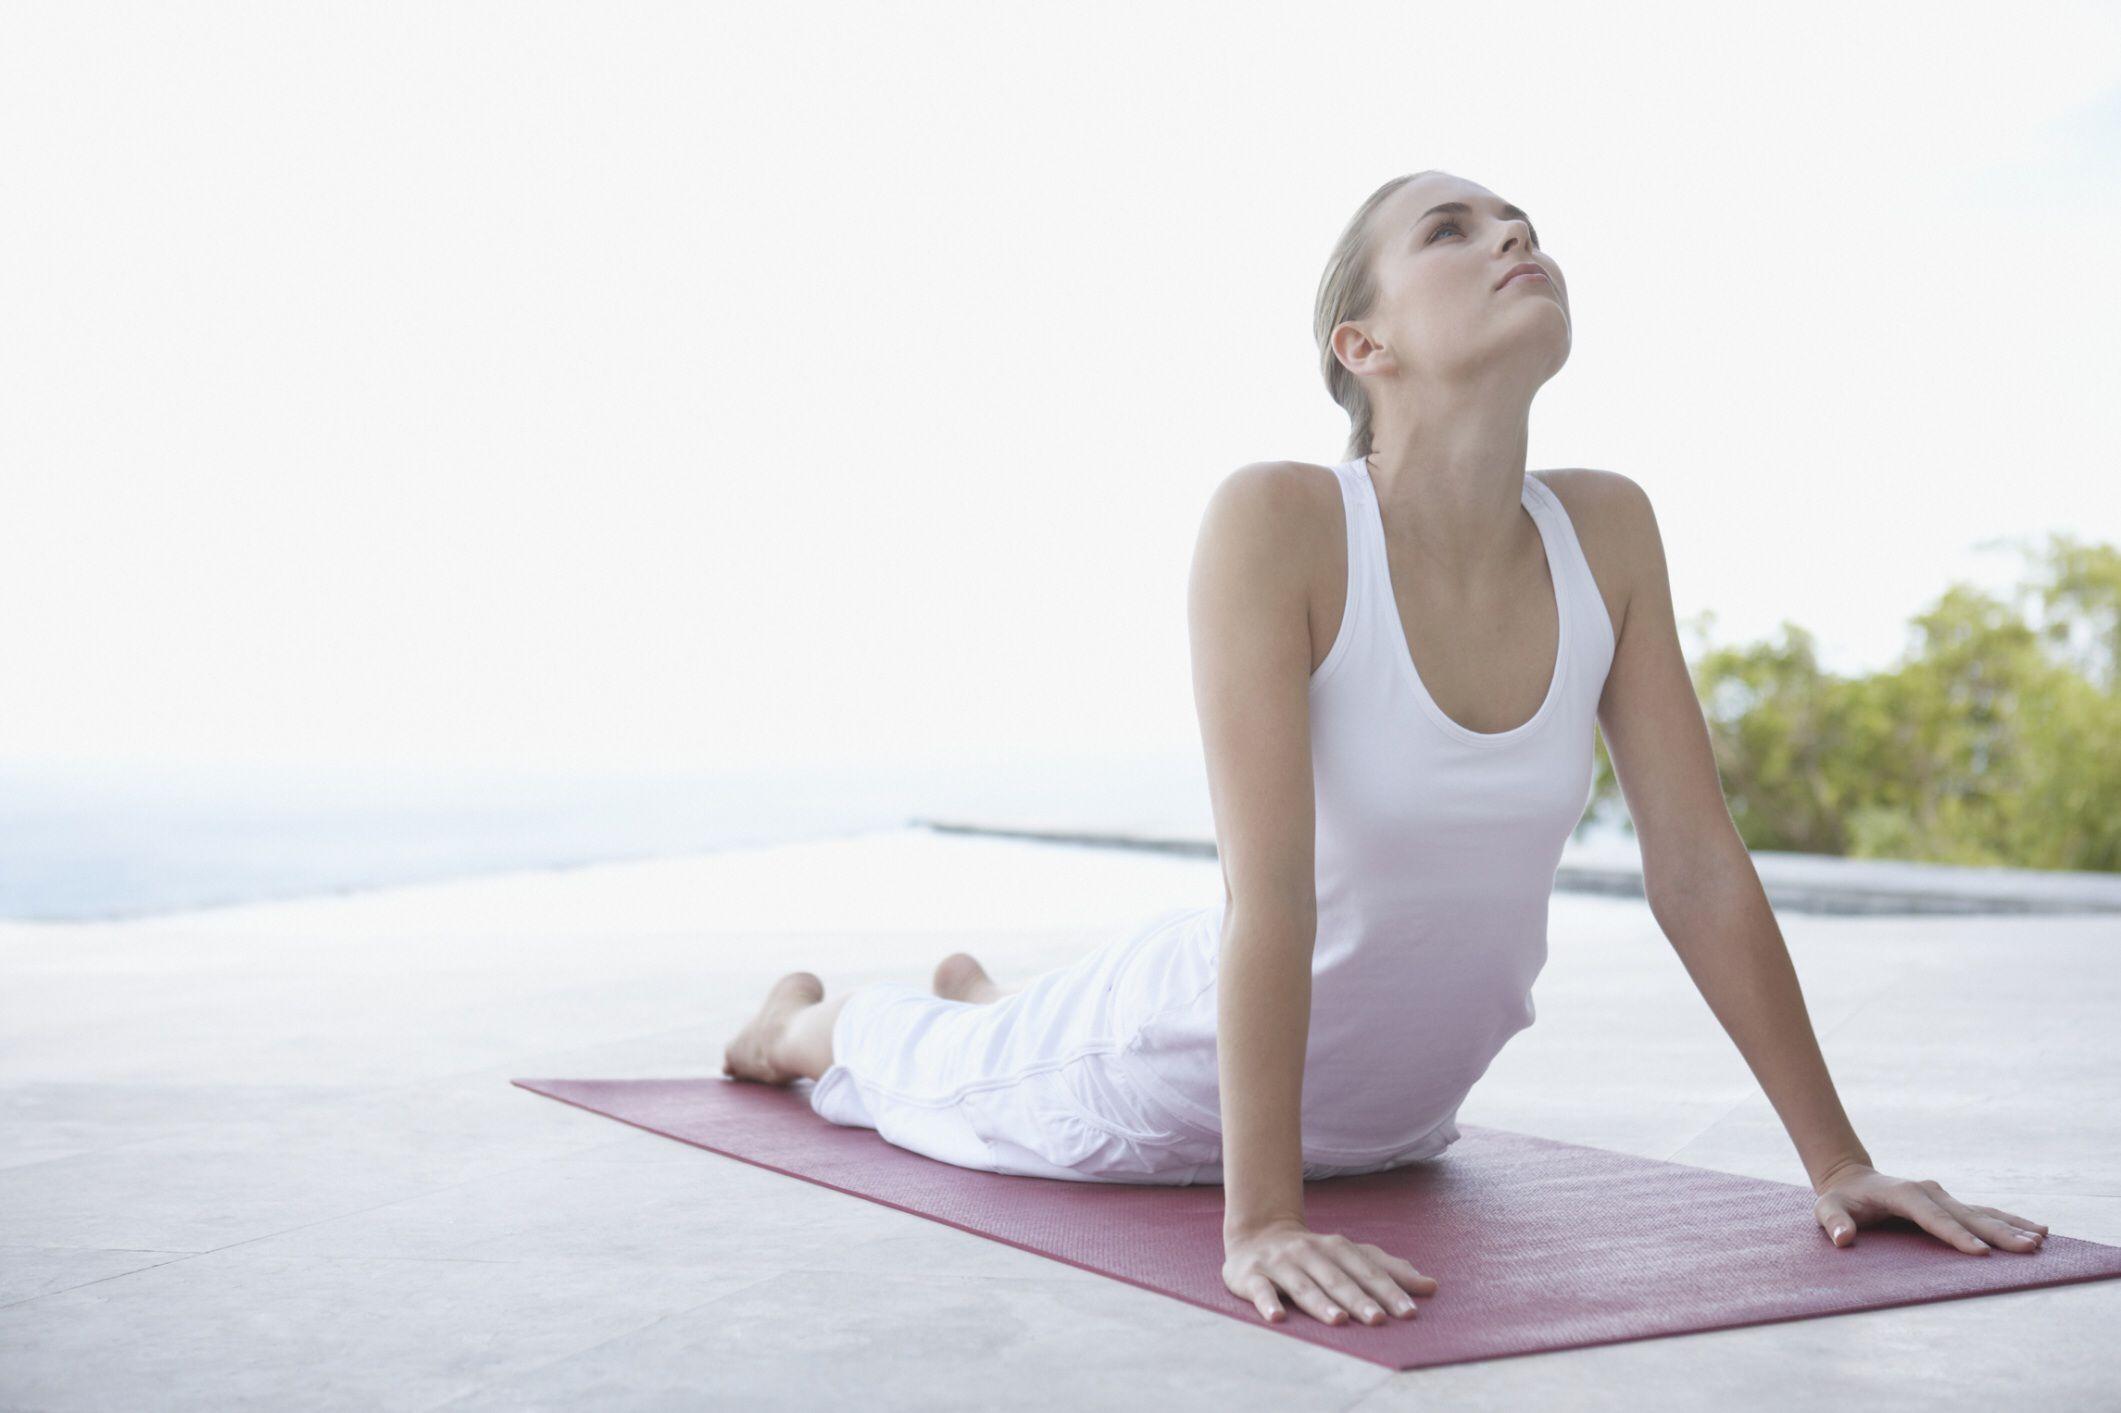 Kapan Waktu yang Tepat untuk Berolahraga?